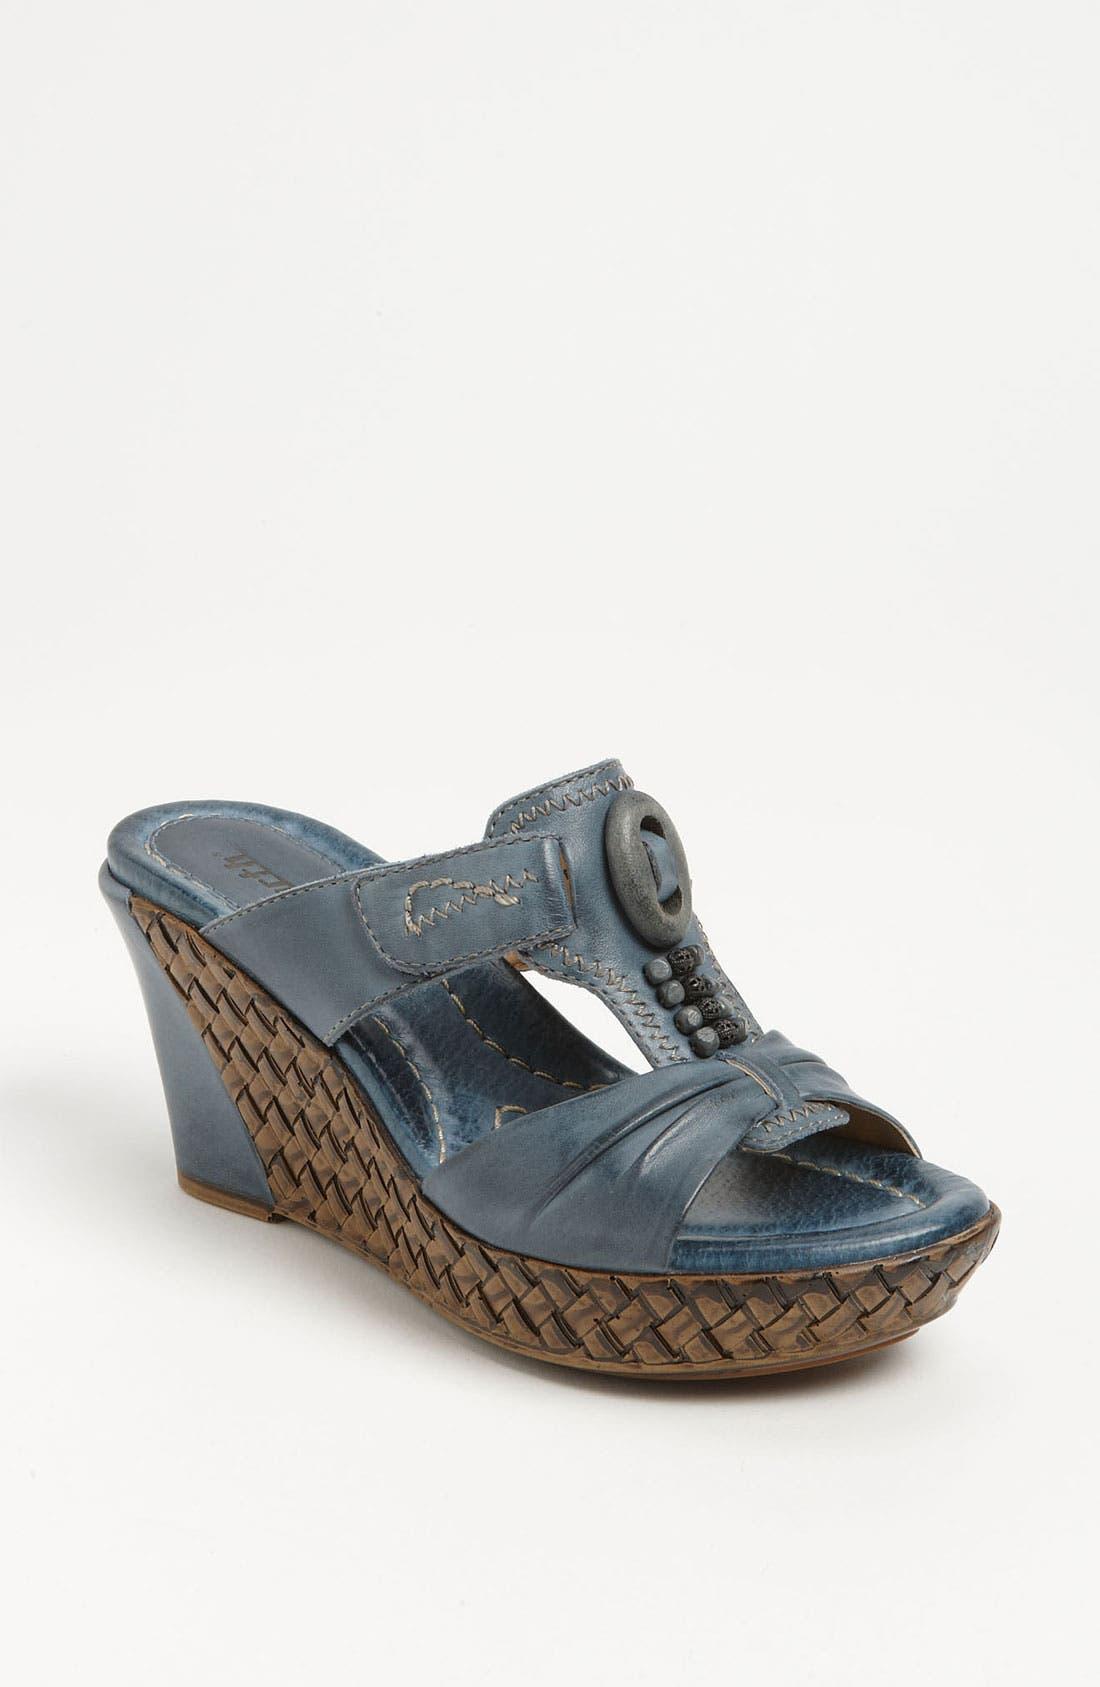 Alternate Image 1 Selected - Earth® 'Eden' Sandal